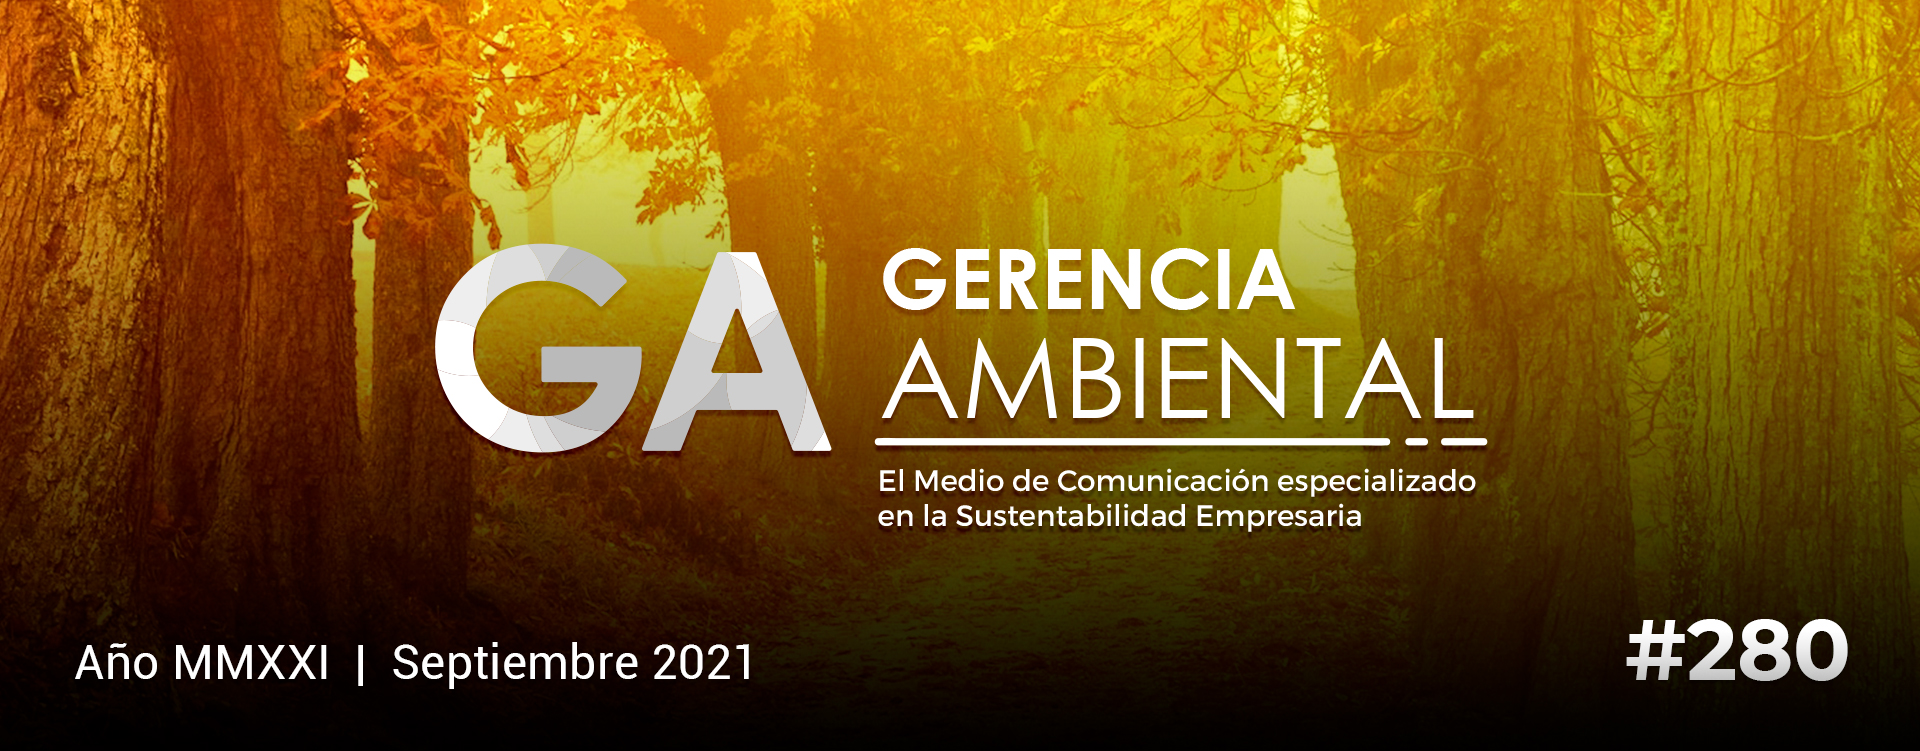 Gerencia-Ambiental-Septiembre-2021